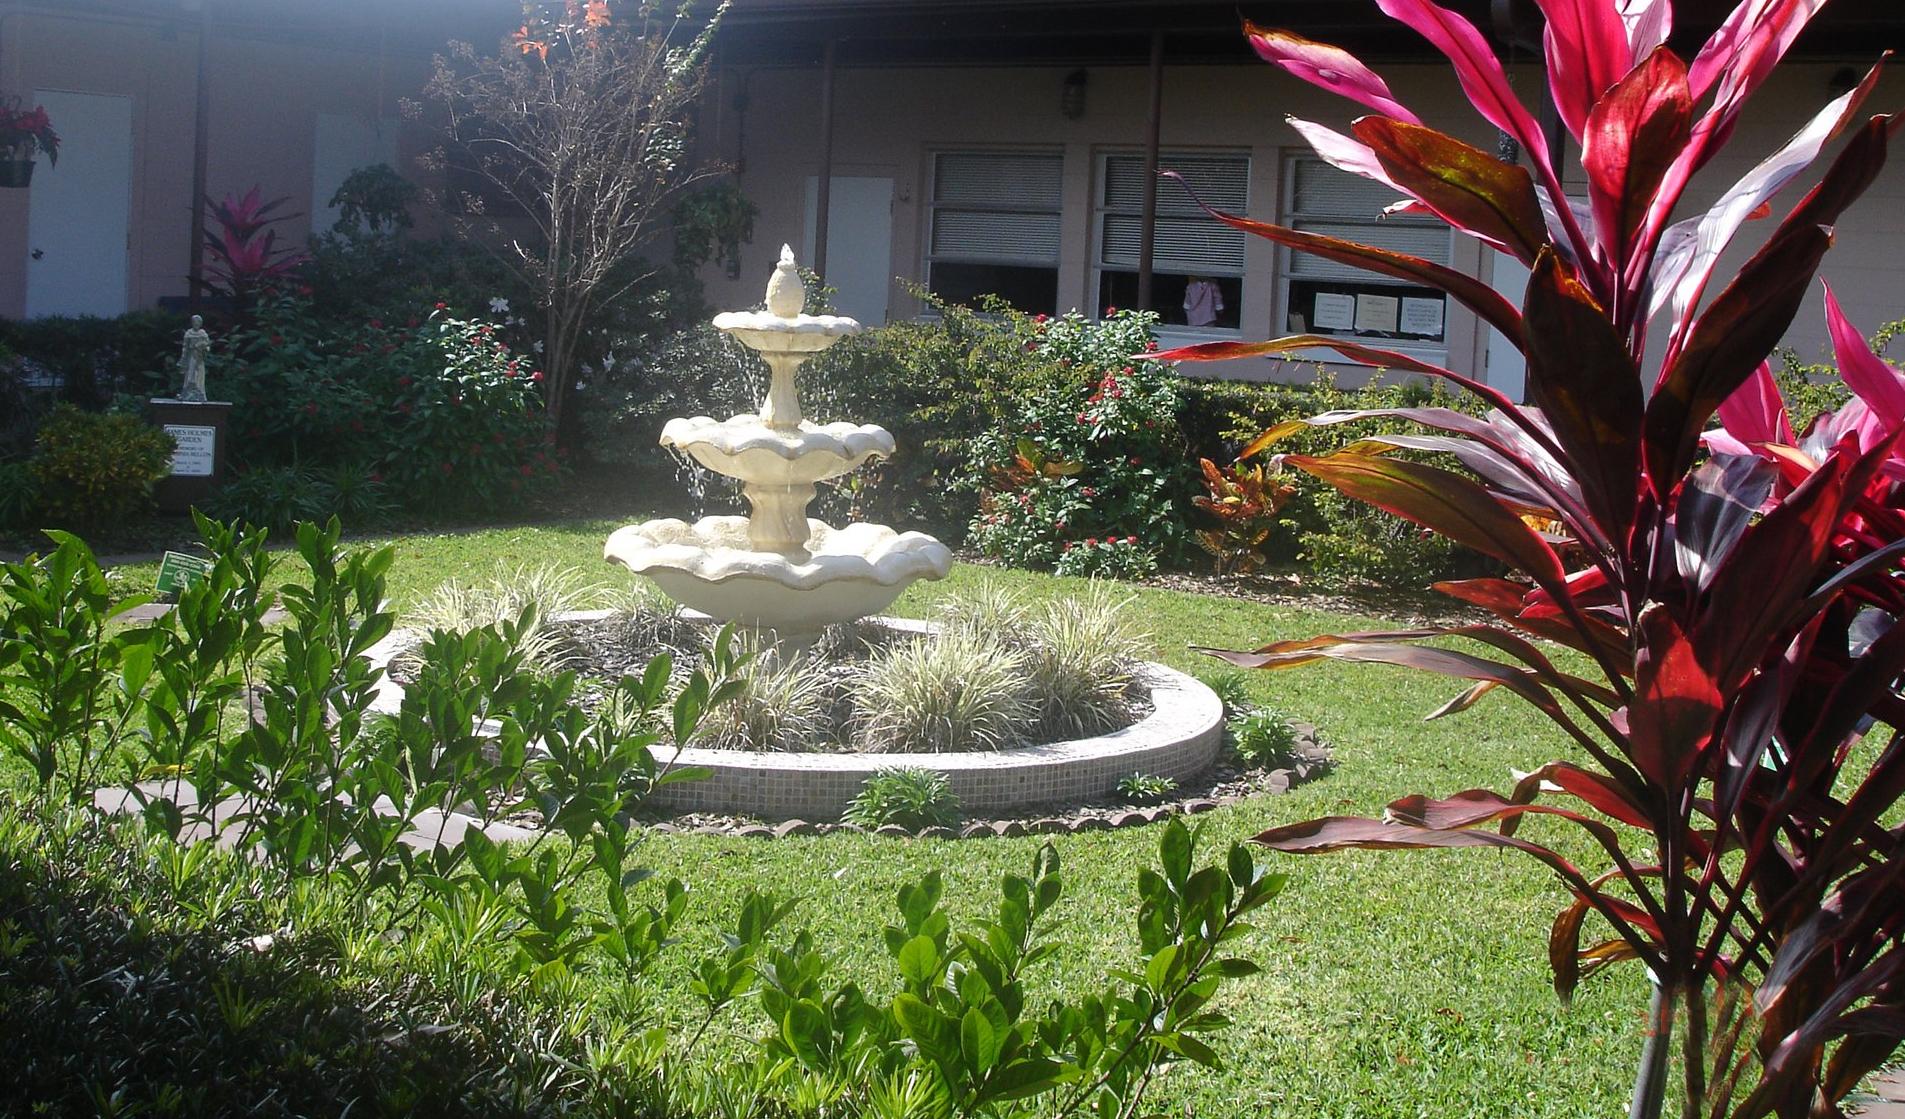 Church Fountain Garden cropped